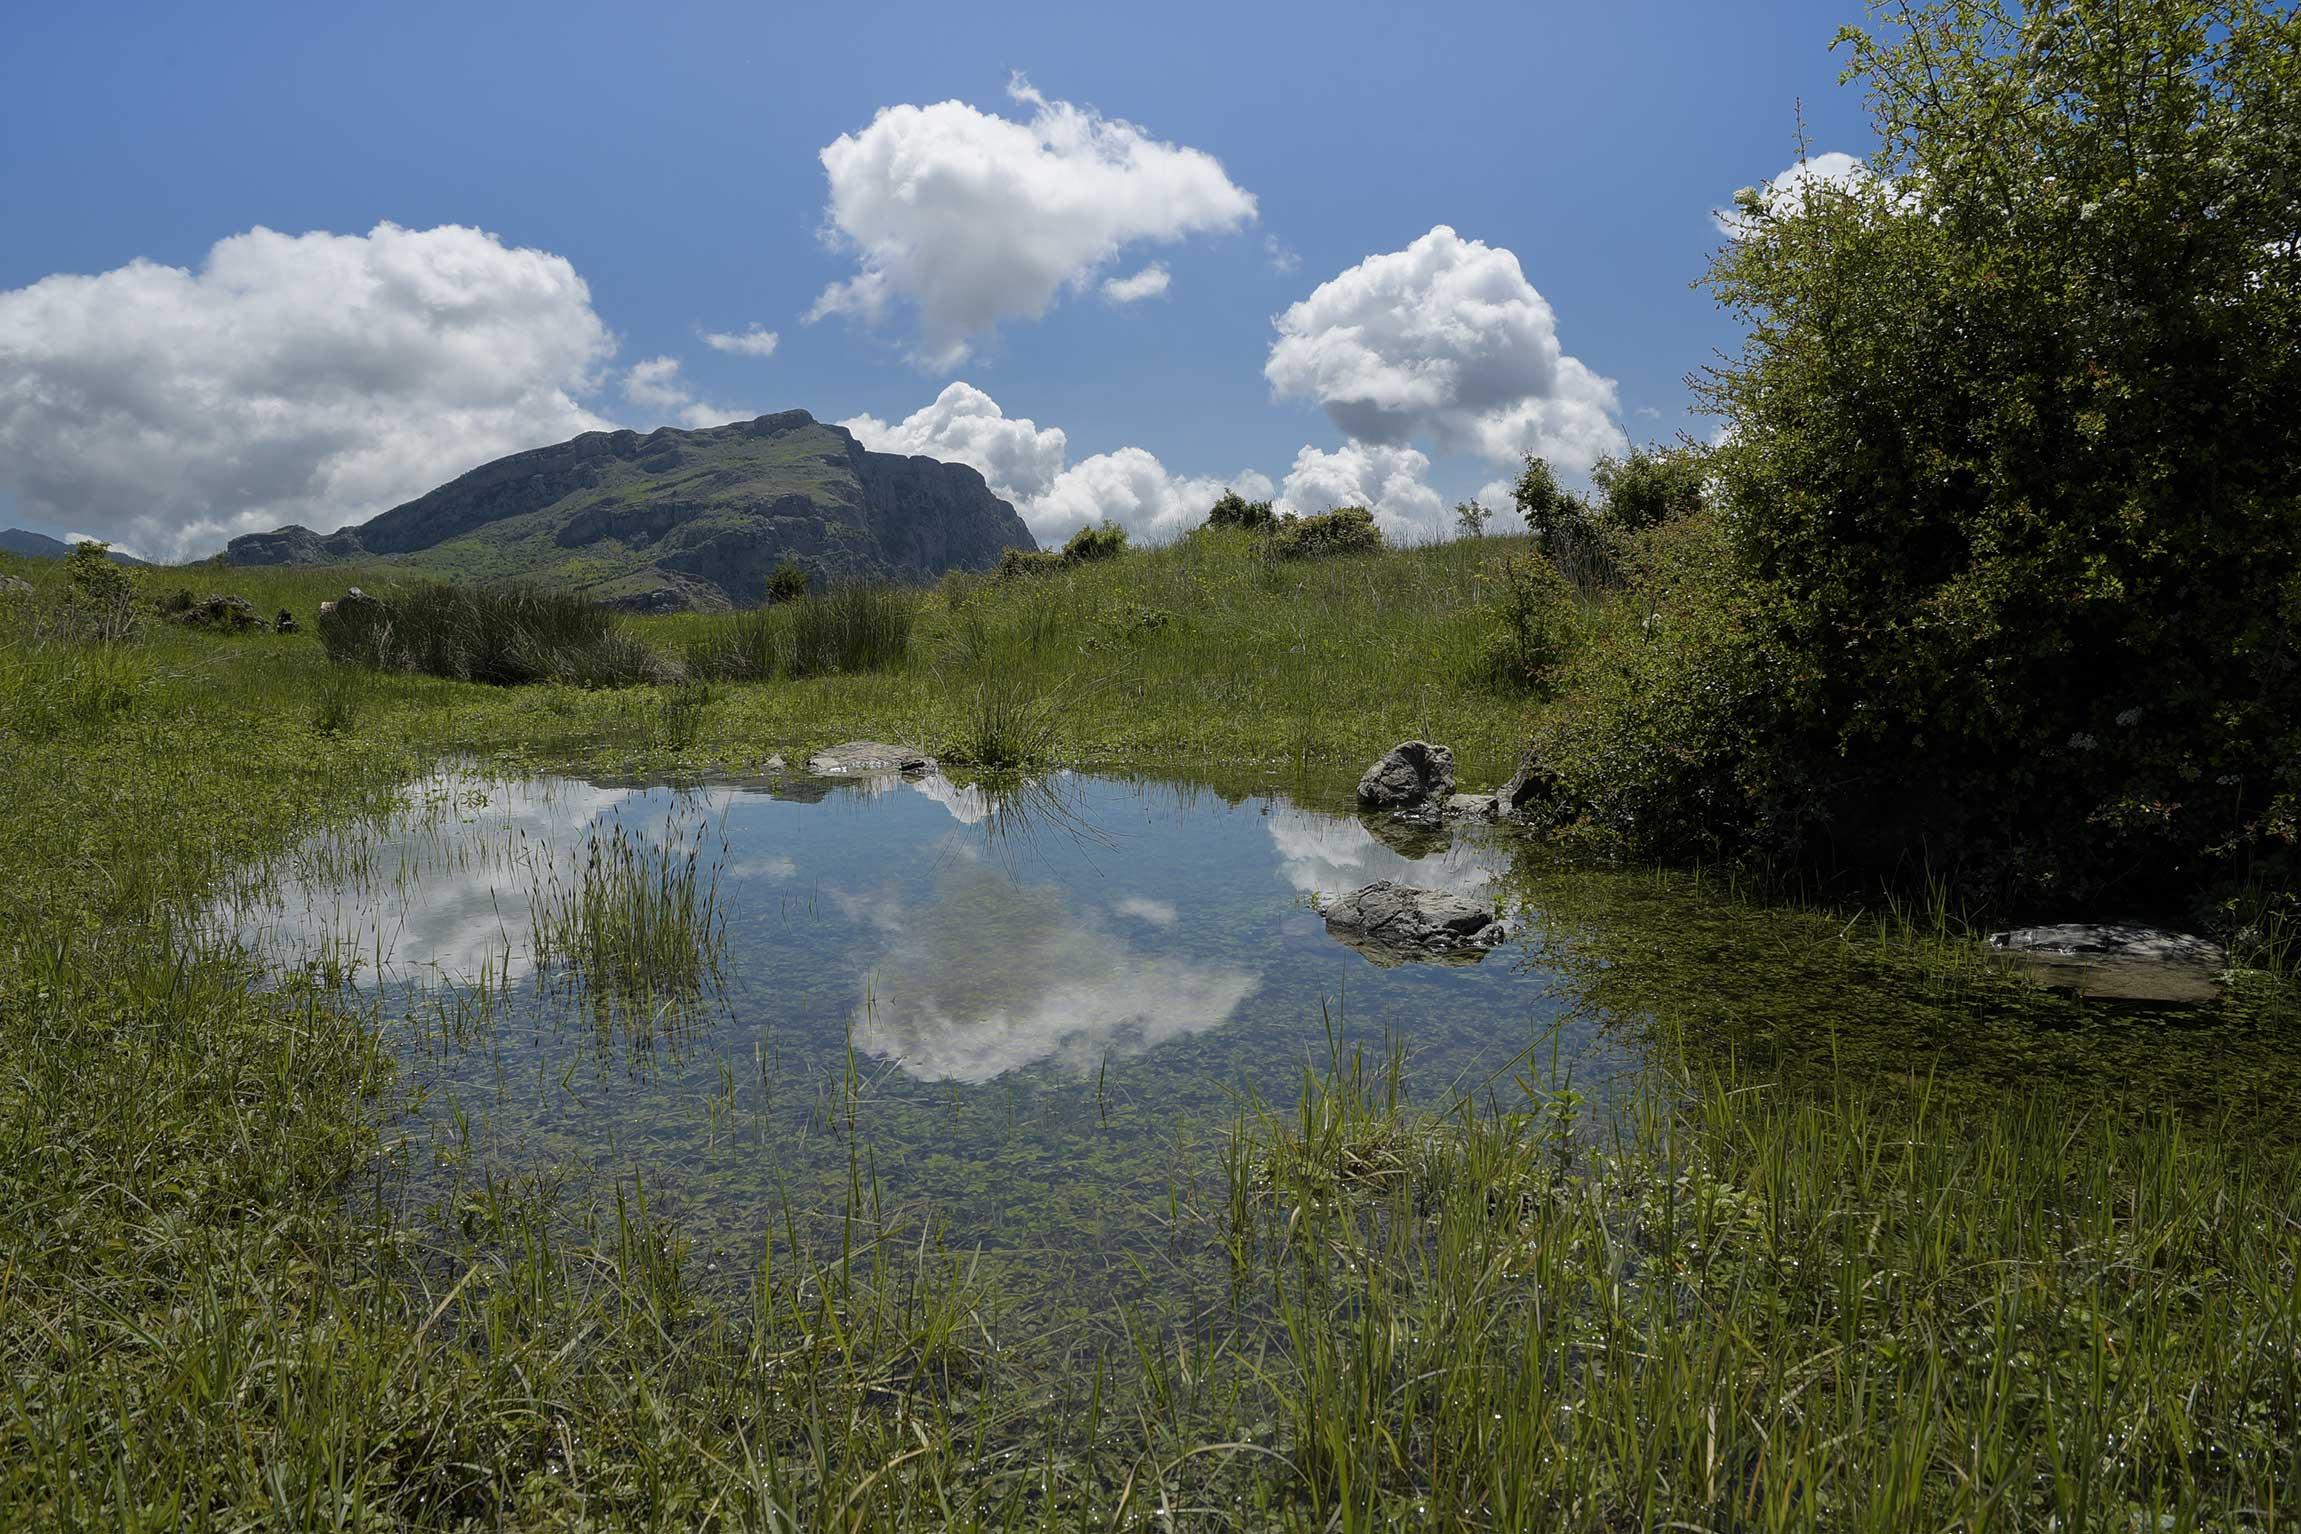 Turismo esperienziale in Calabria: godersi i paesaggi del Parco nazionale del Pollino